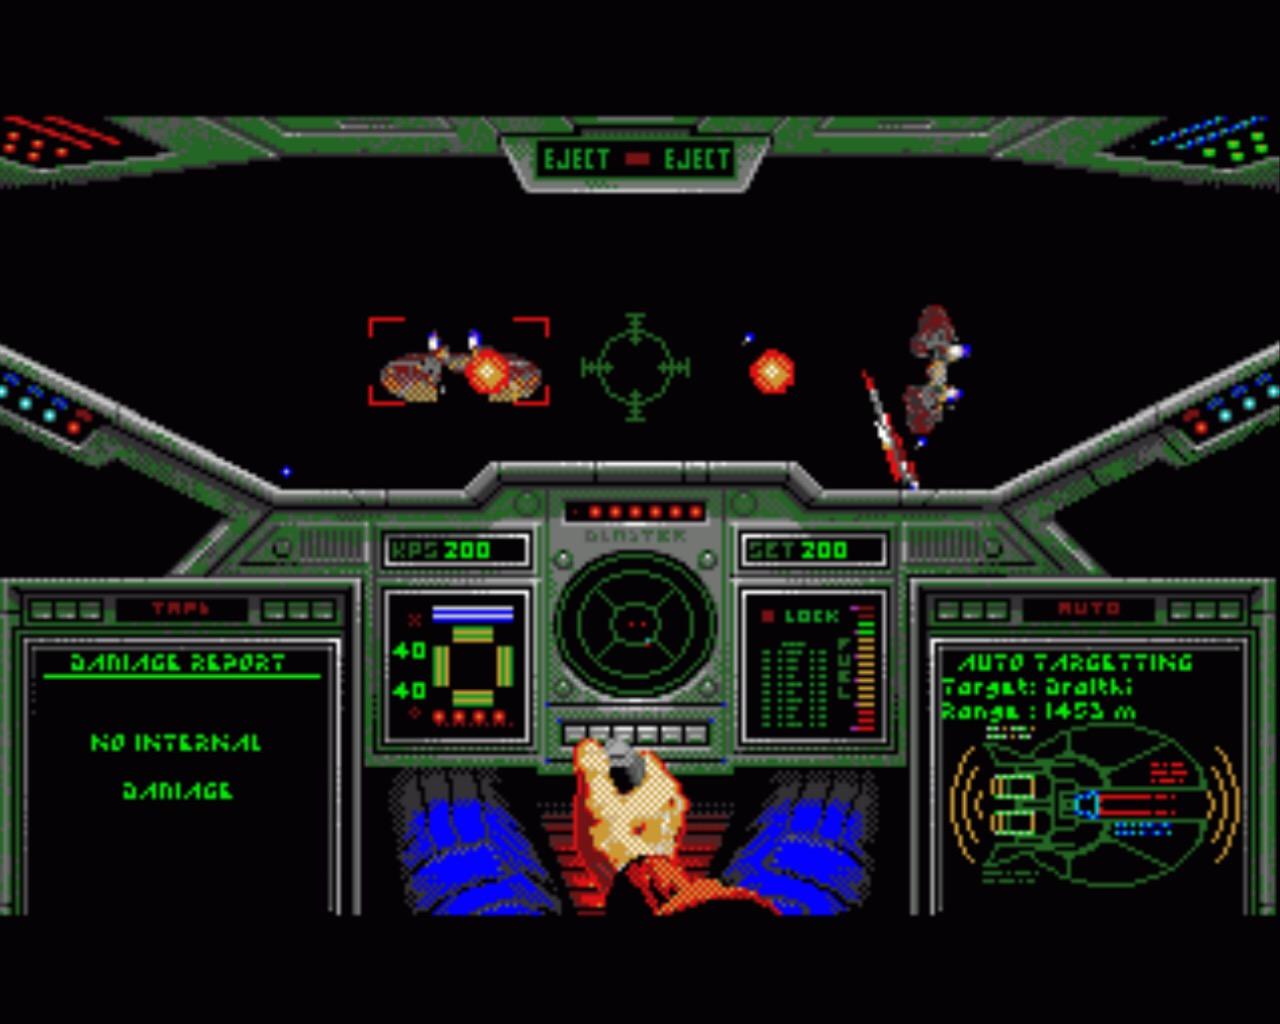 Unglaublich aber endlich war: da Ur-VGA/386er-Wing Commander auf dem A500